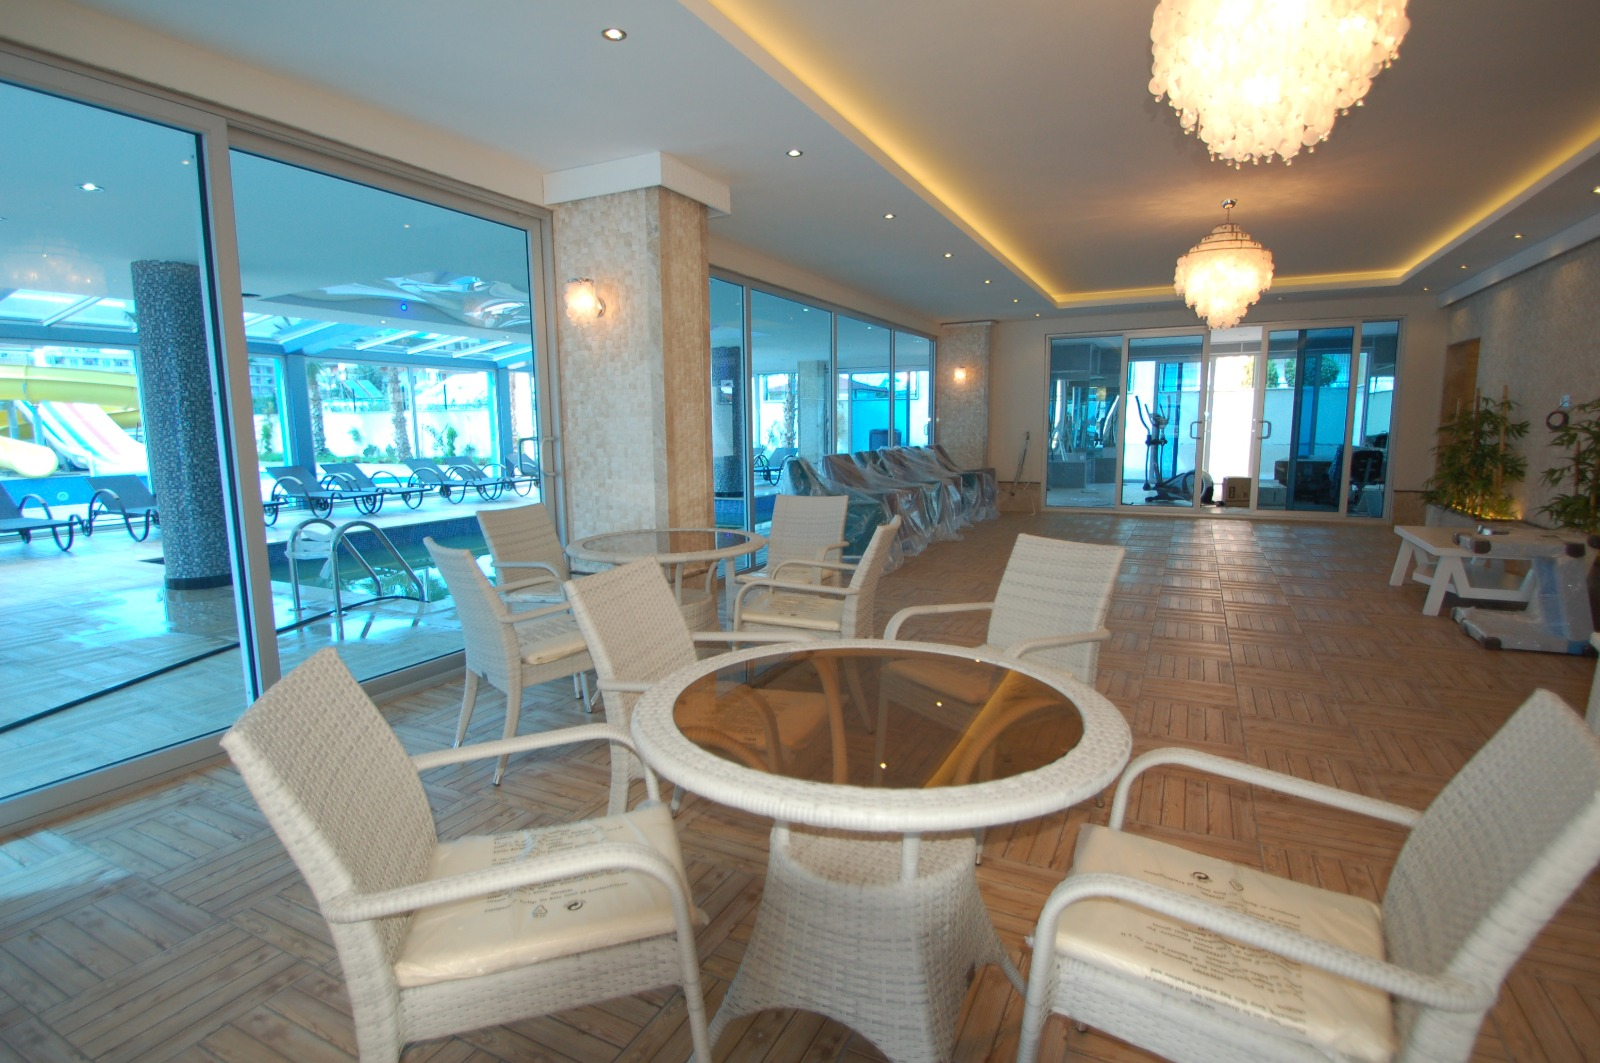 Шикарный пентхаус 3+1с мебелью и комплексе с зимним бассейном в центре города